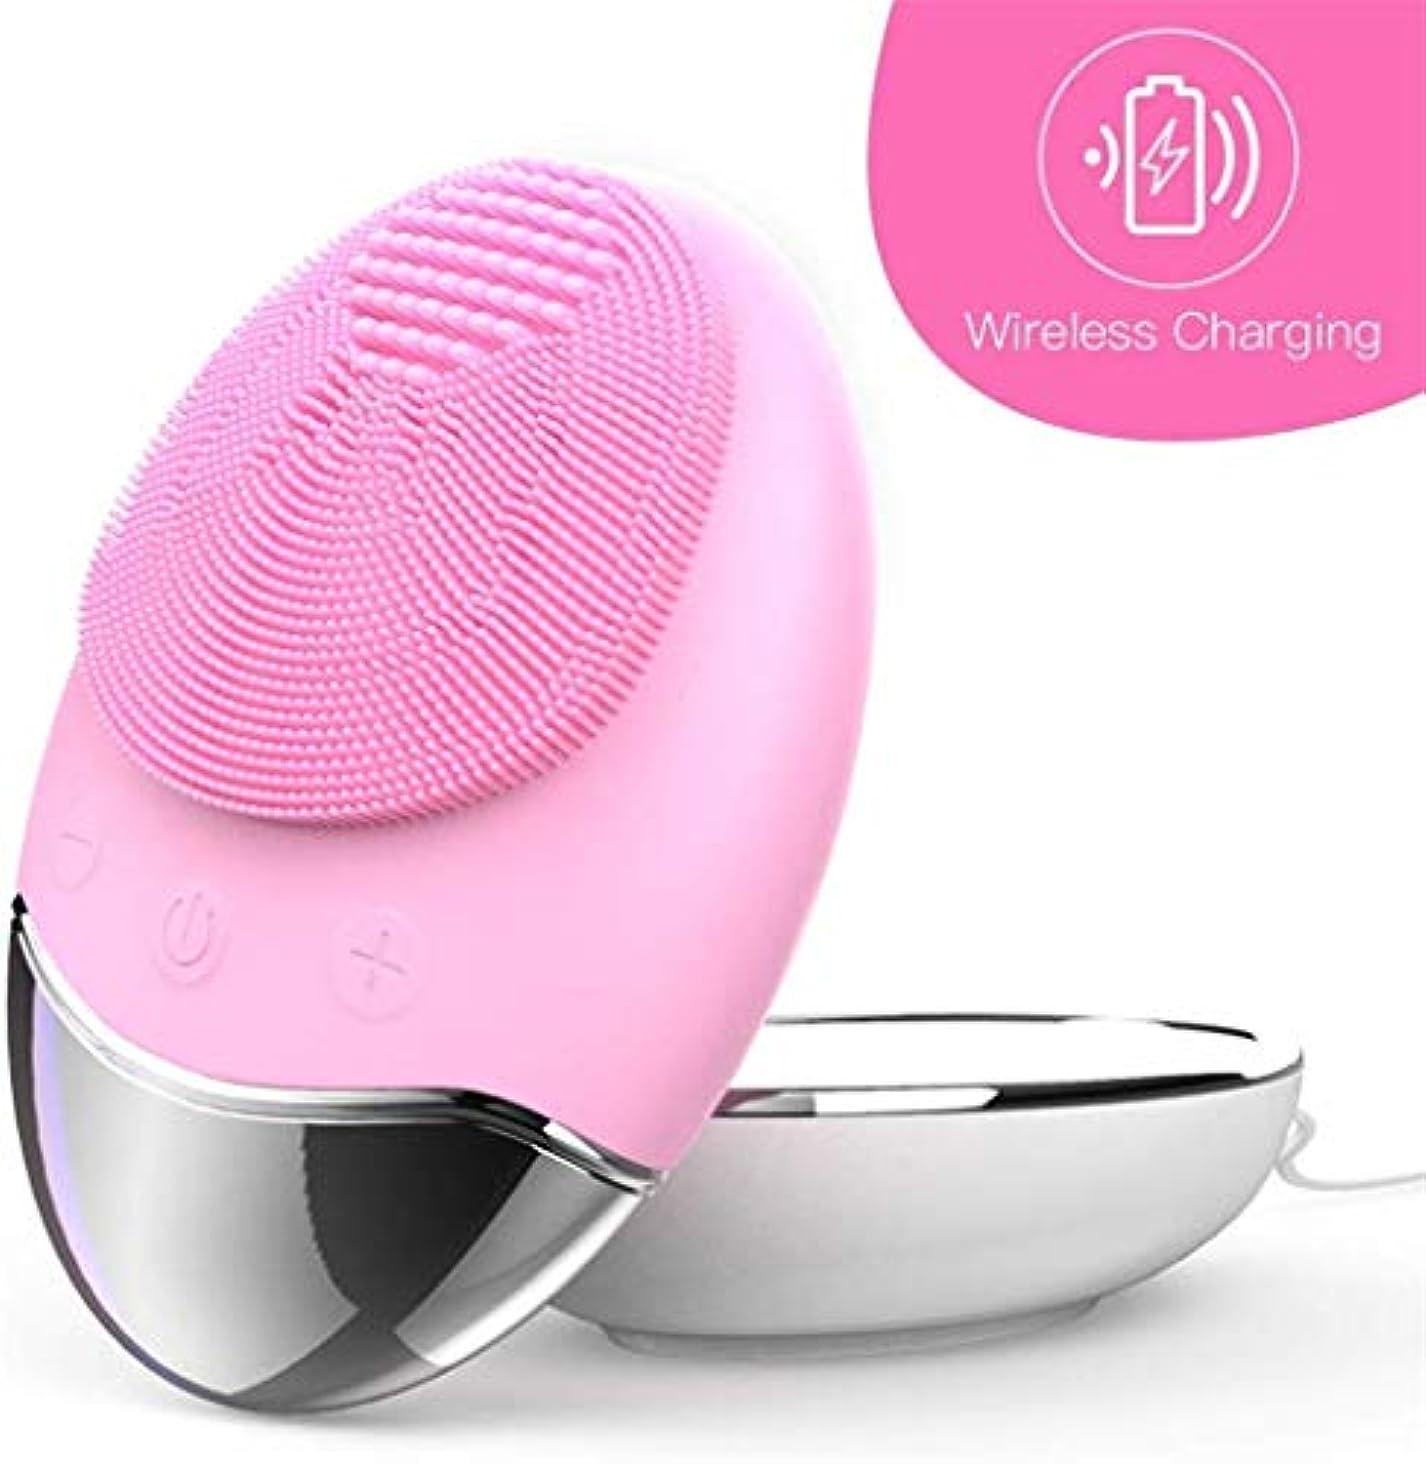 変成器アルカイック全部オールスキンタイプの充電式用シリコーン洗顔ブラシ、ブラシシリコーンエクスフォリエイティングフェイススクラブブラシマッサージャー3-IN-1エレクトリックフェイス、